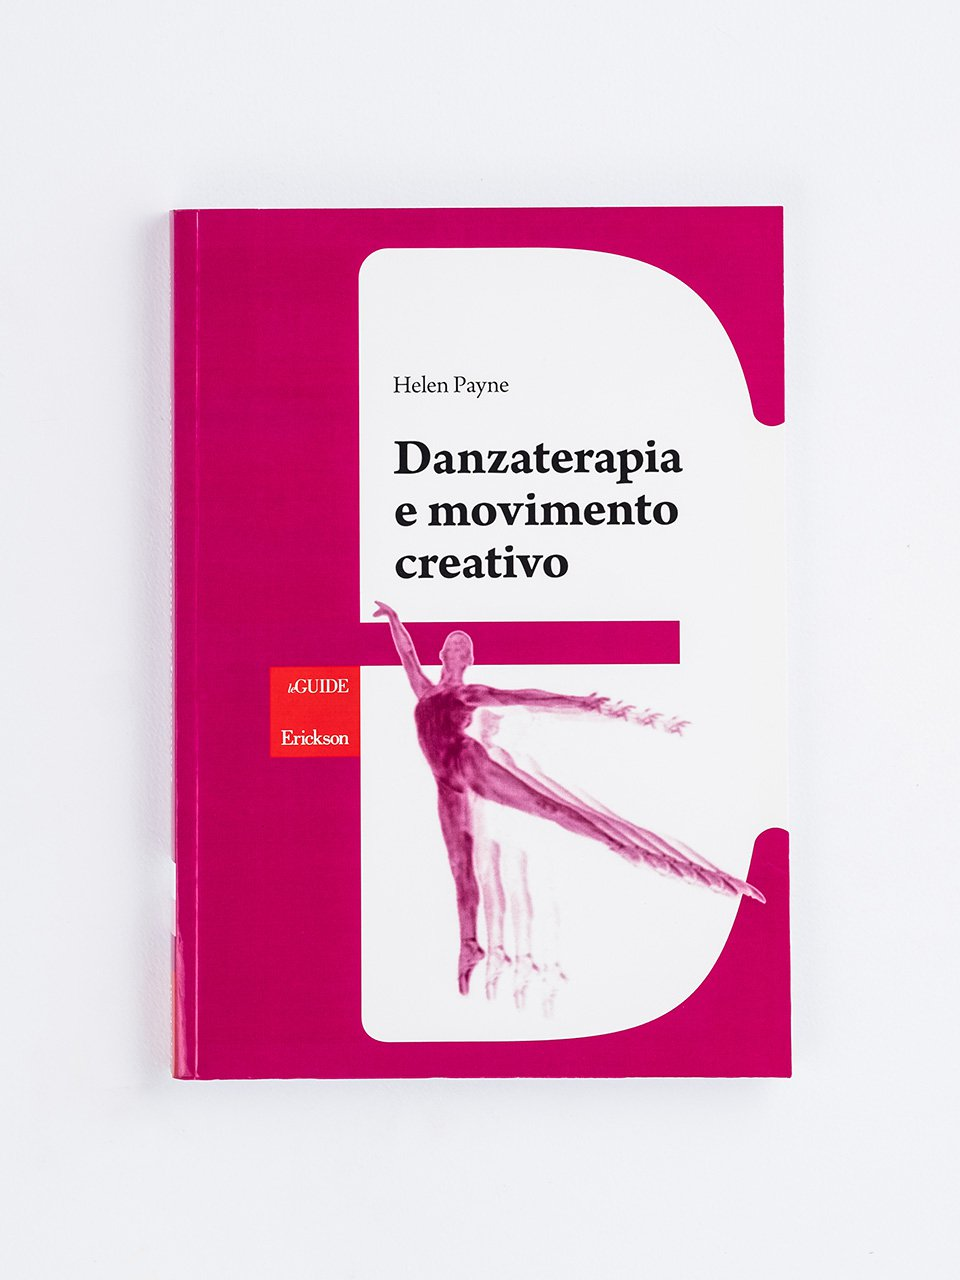 Danzaterapia e movimento creativo - Benessere yoga per bambini - Libri - Erickson